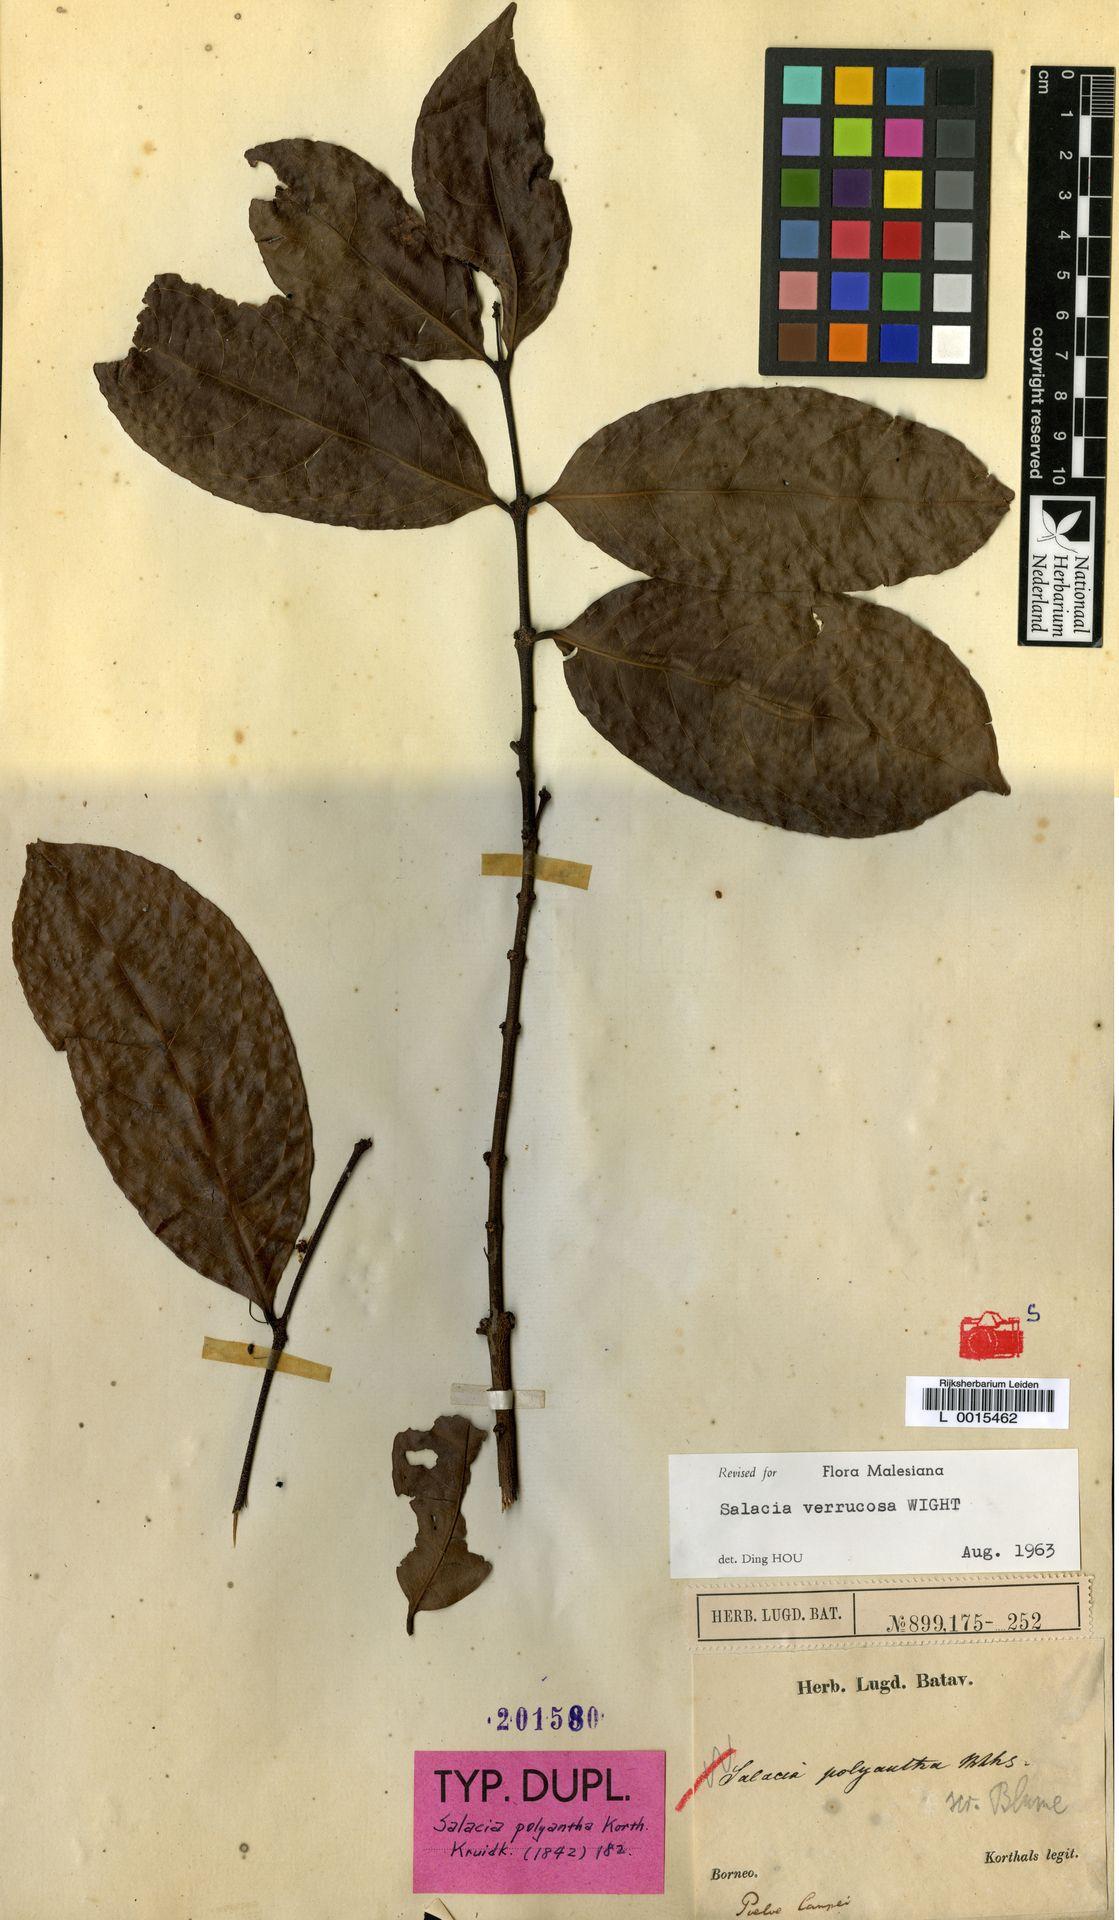 L  0015462 | Salacia verrucosa Wight